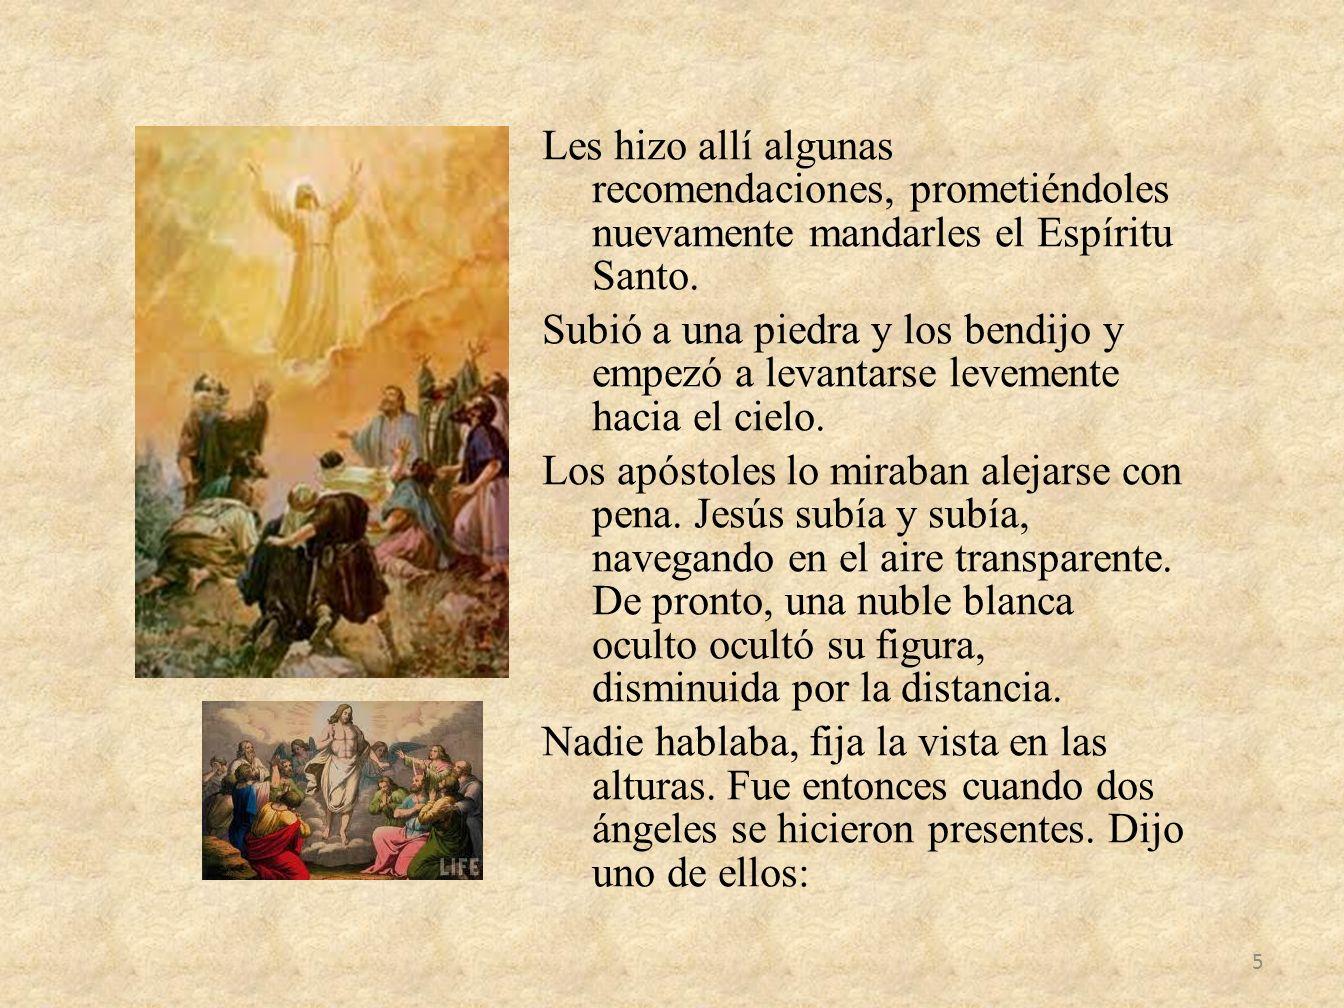 Les hizo allí algunas recomendaciones, prometiéndoles nuevamente mandarles el Espíritu Santo. Subió a una piedra y los bendijo y empezó a levantarse l